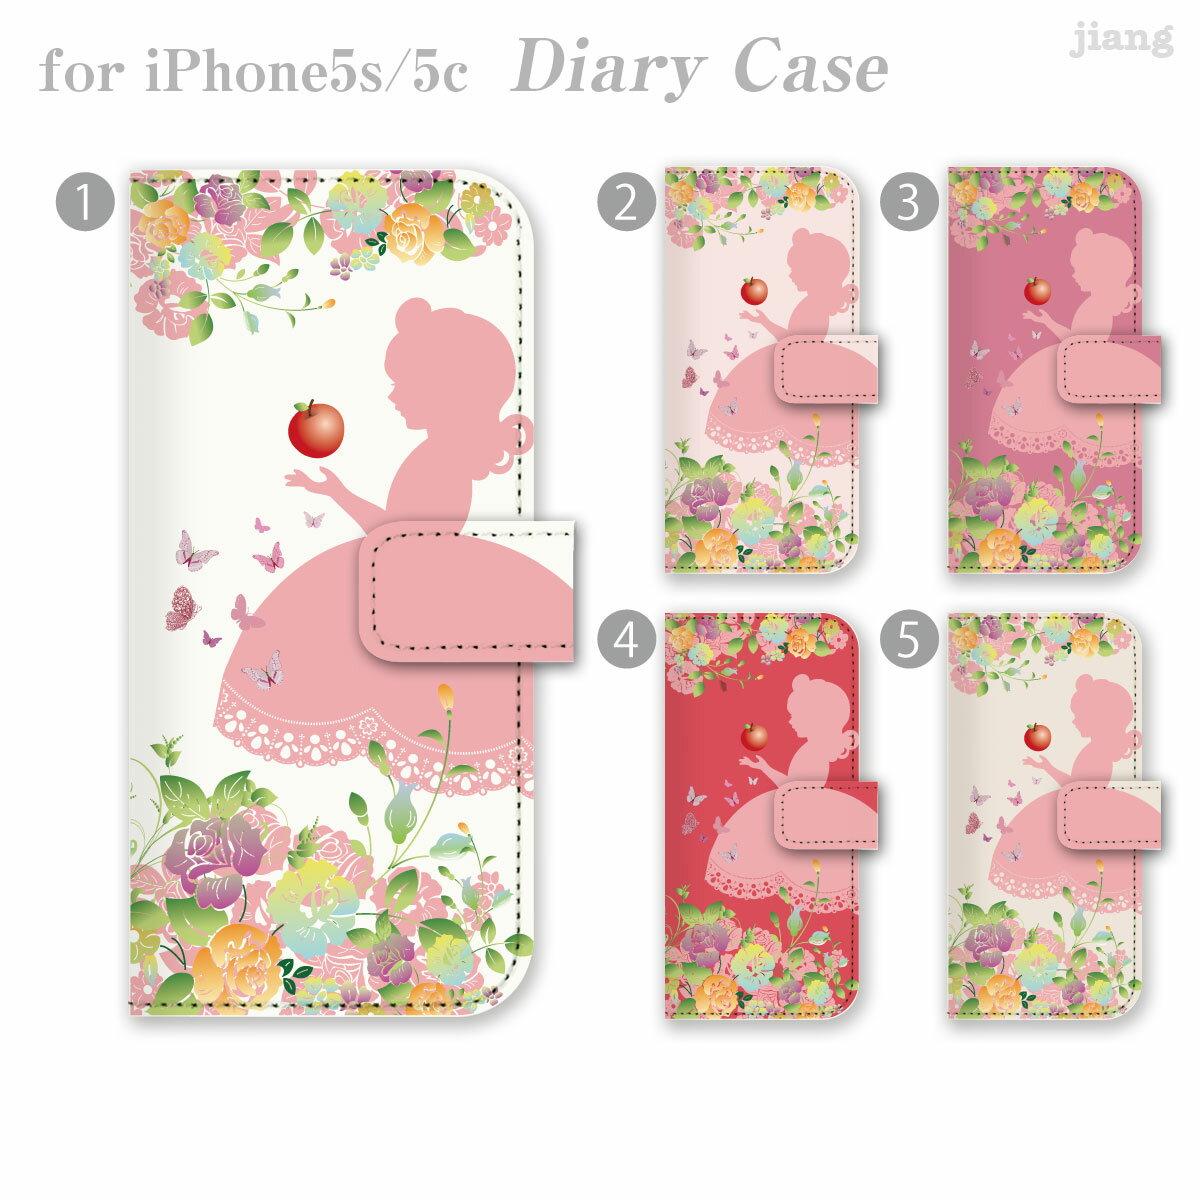 スマホケース 手帳型 全機種対応 iPhone7ケース iPhone7 Plus iPhone6s iPhone6 Plus iPhone5s iPhone5c AQUOS Xperia Z5 Z4 Z3 ARROWS GALAXY ケース カバー 白雪姫 08-ip5-ds0100d-zen2s